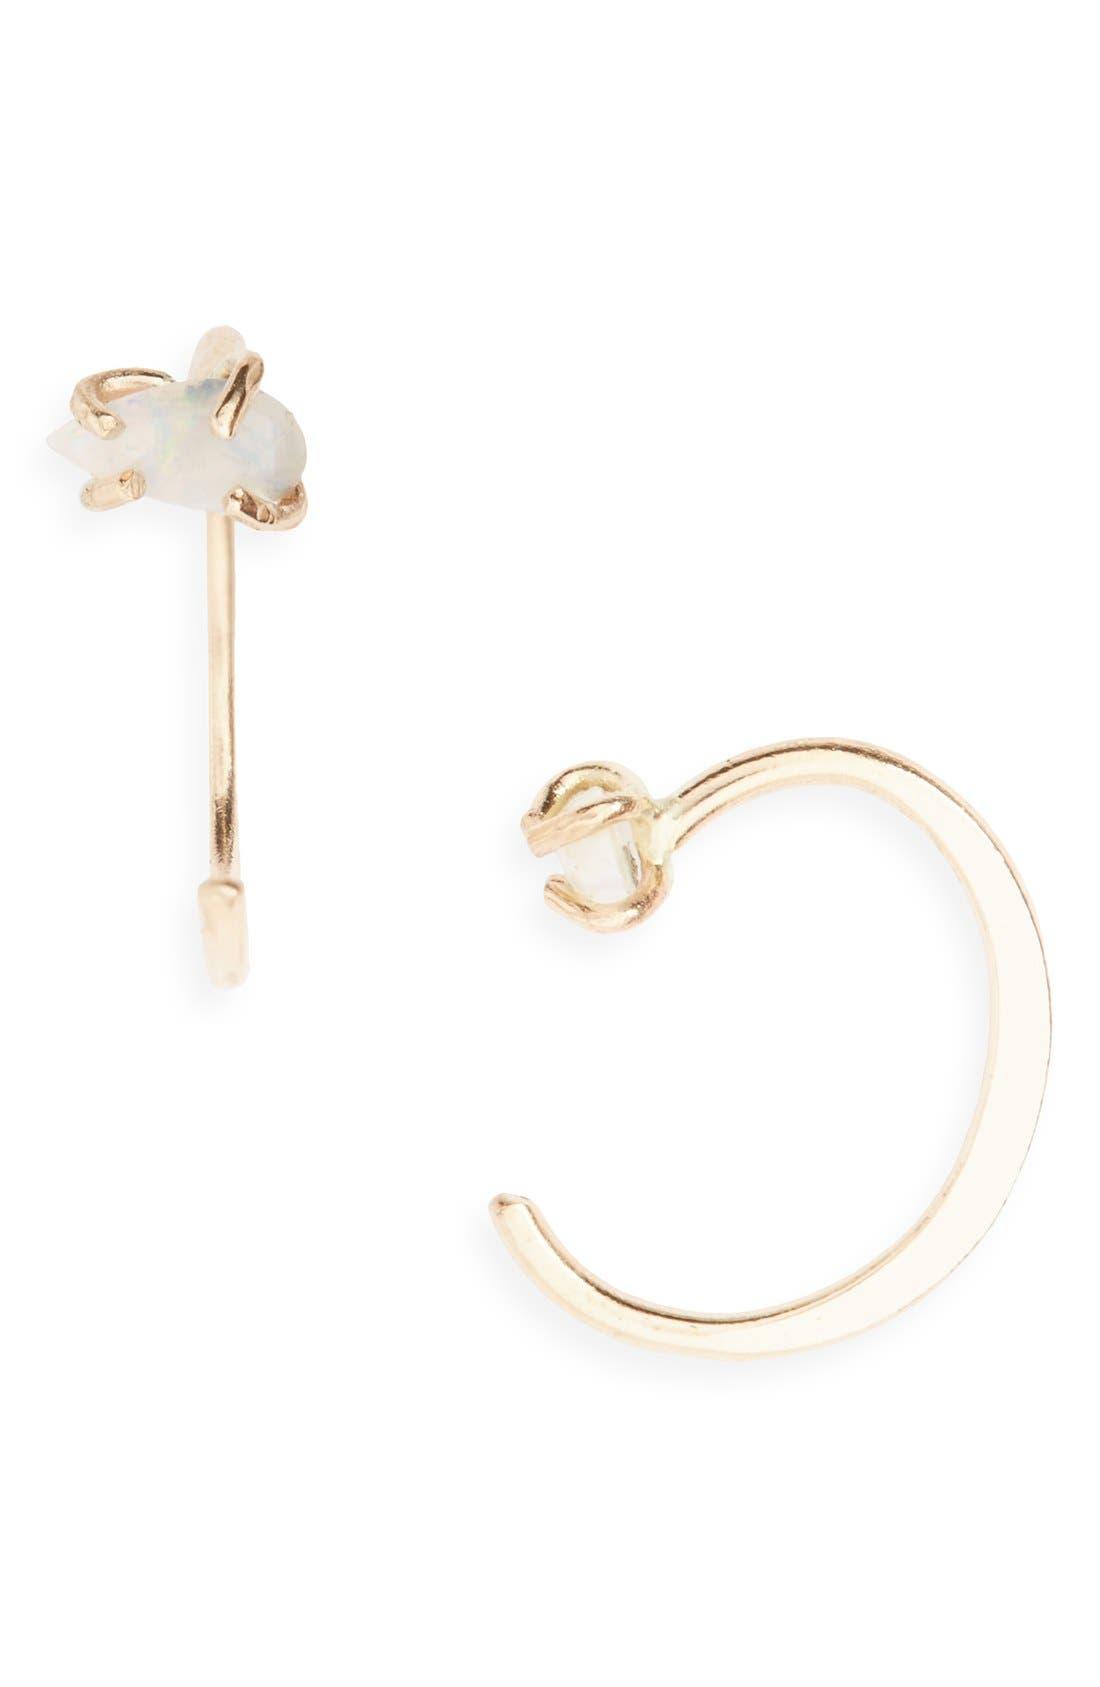 MELISSA JOY MANNING Opal Hug Hoop Earrings